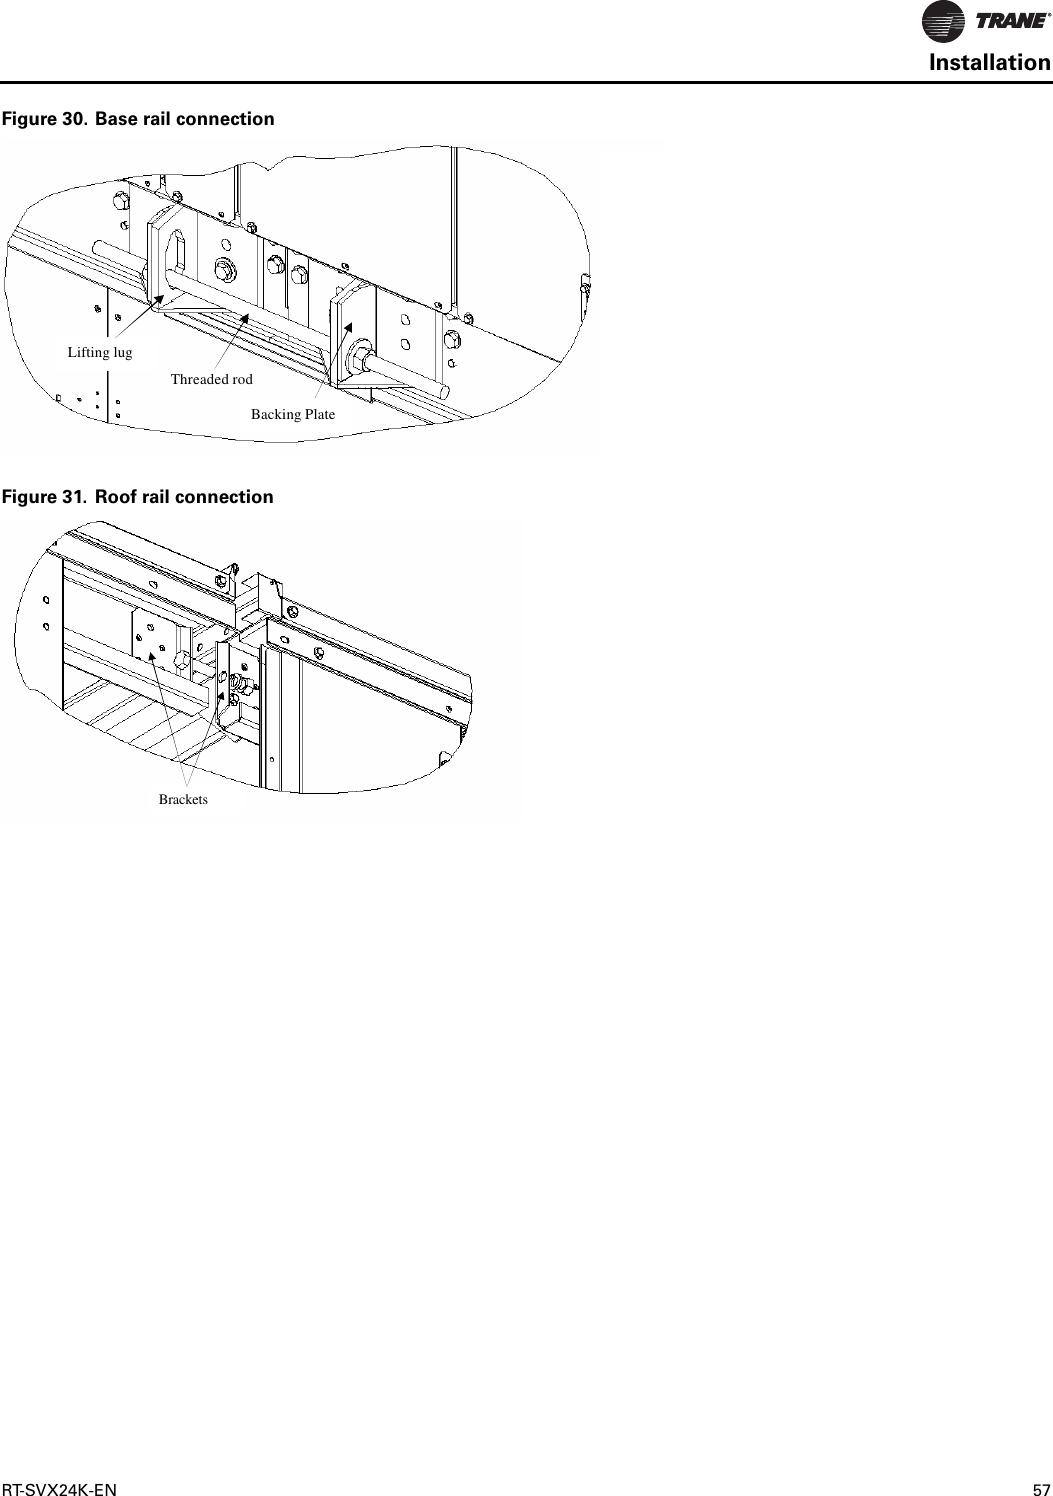 Erfreut Trane Roofing Schaltplan Fotos - Der Schaltplan - greigo.com